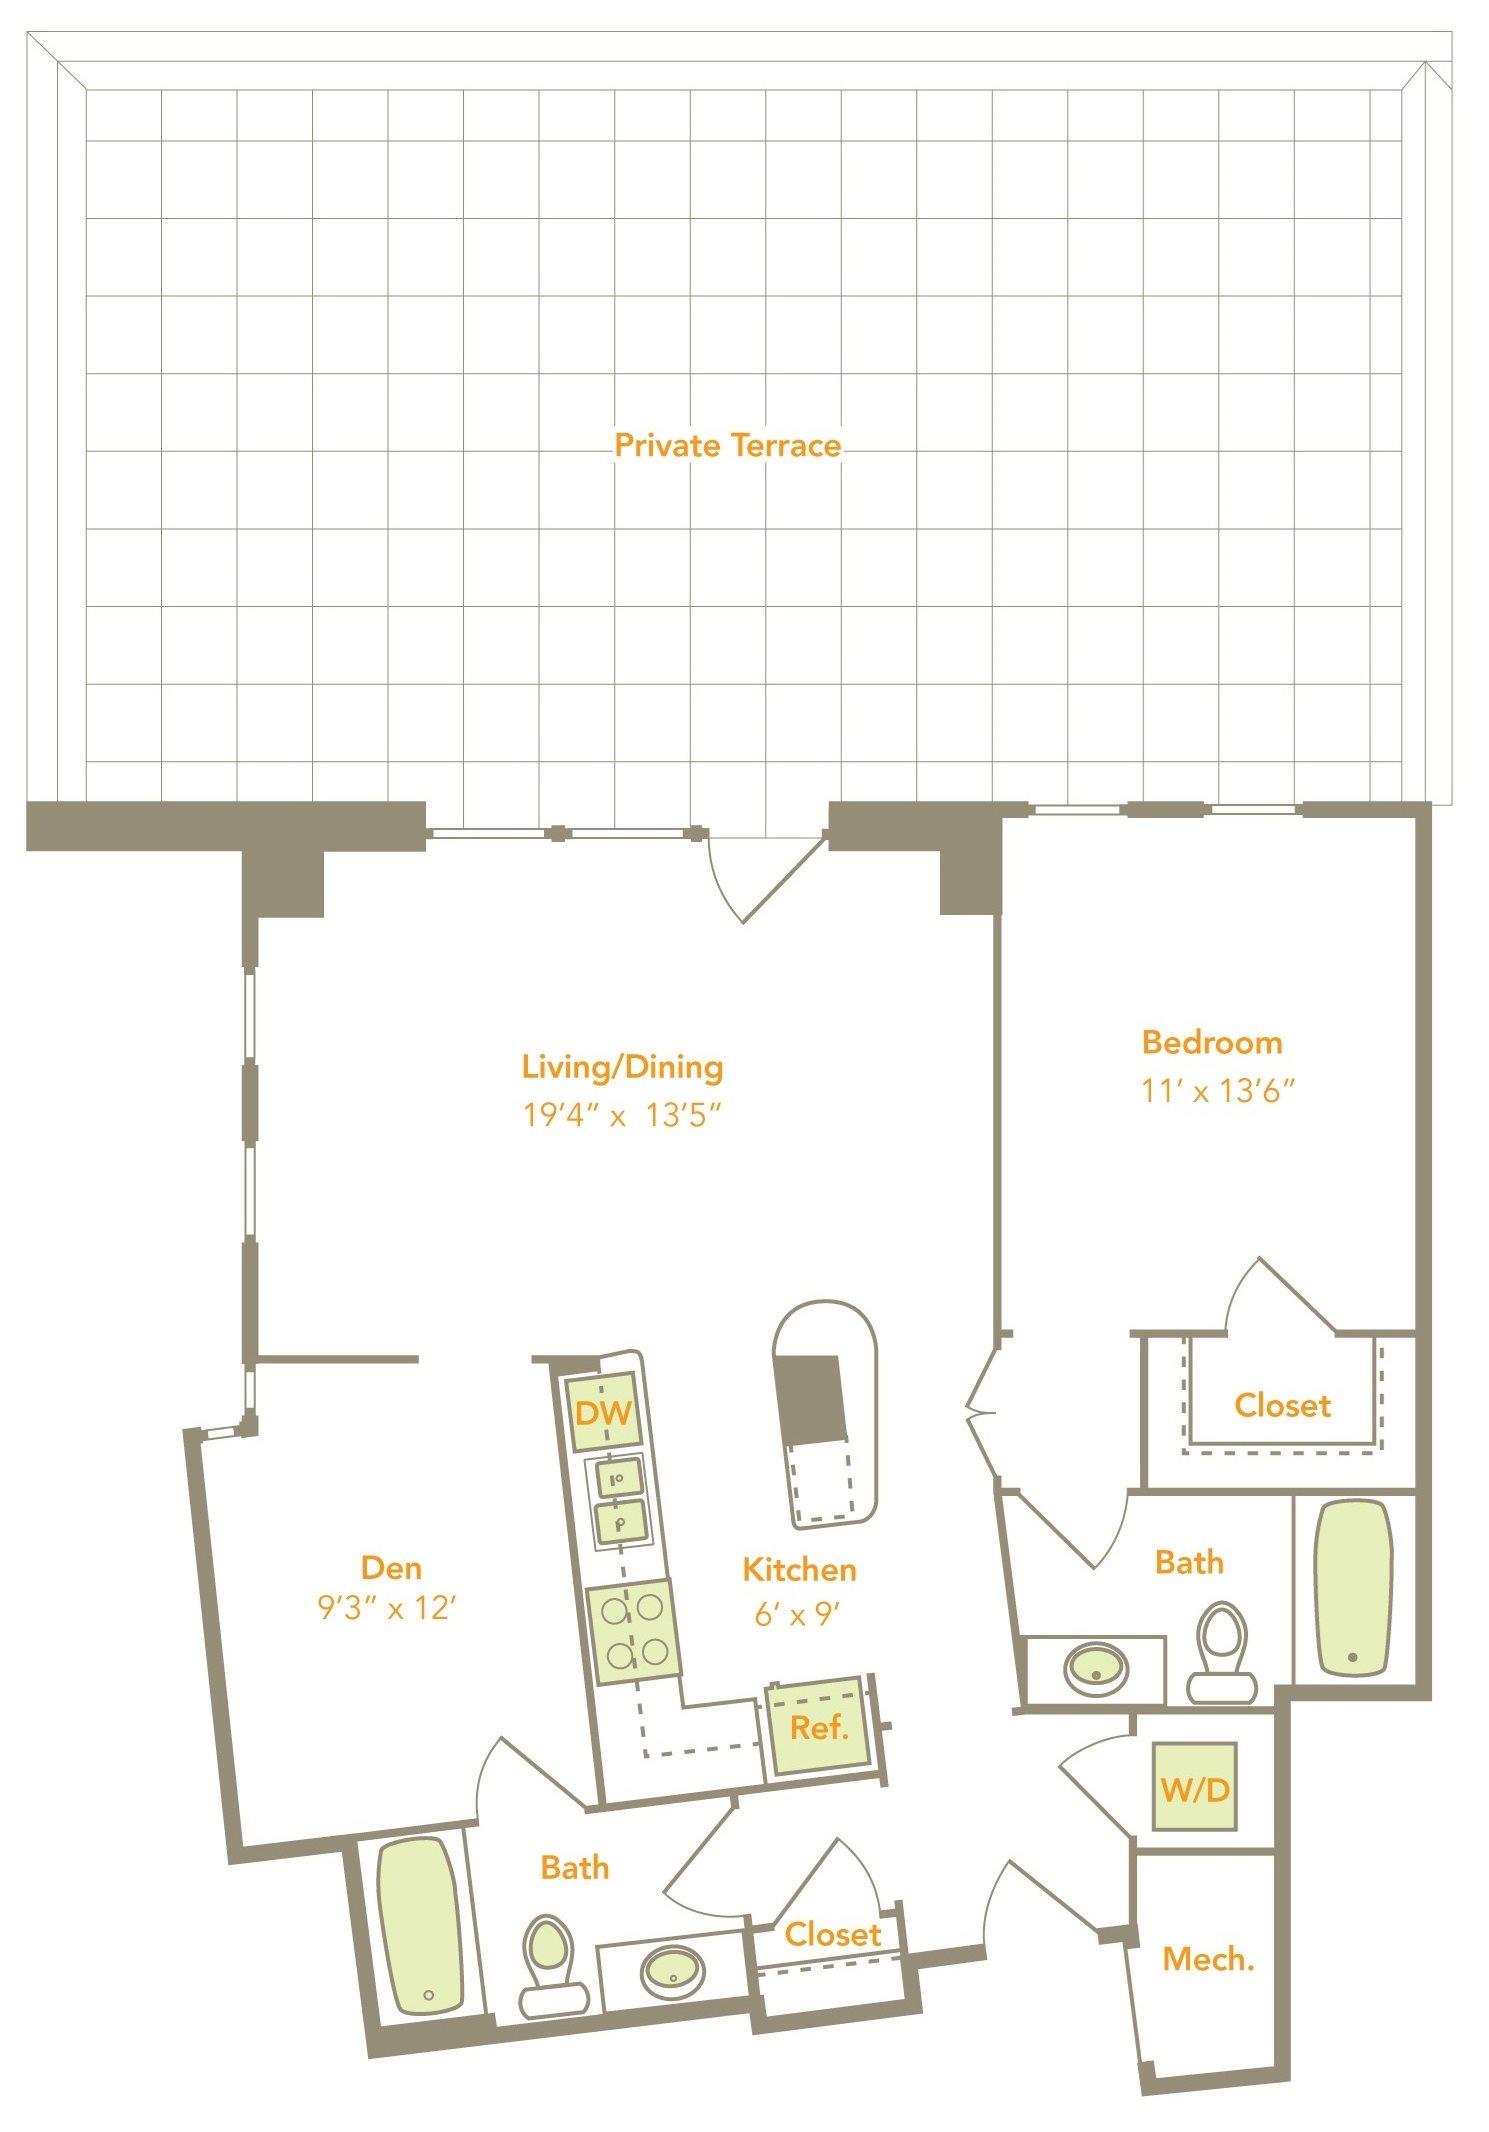 One Bedroom w/ Den (1N-D, 1P-D) Floor Plan 9